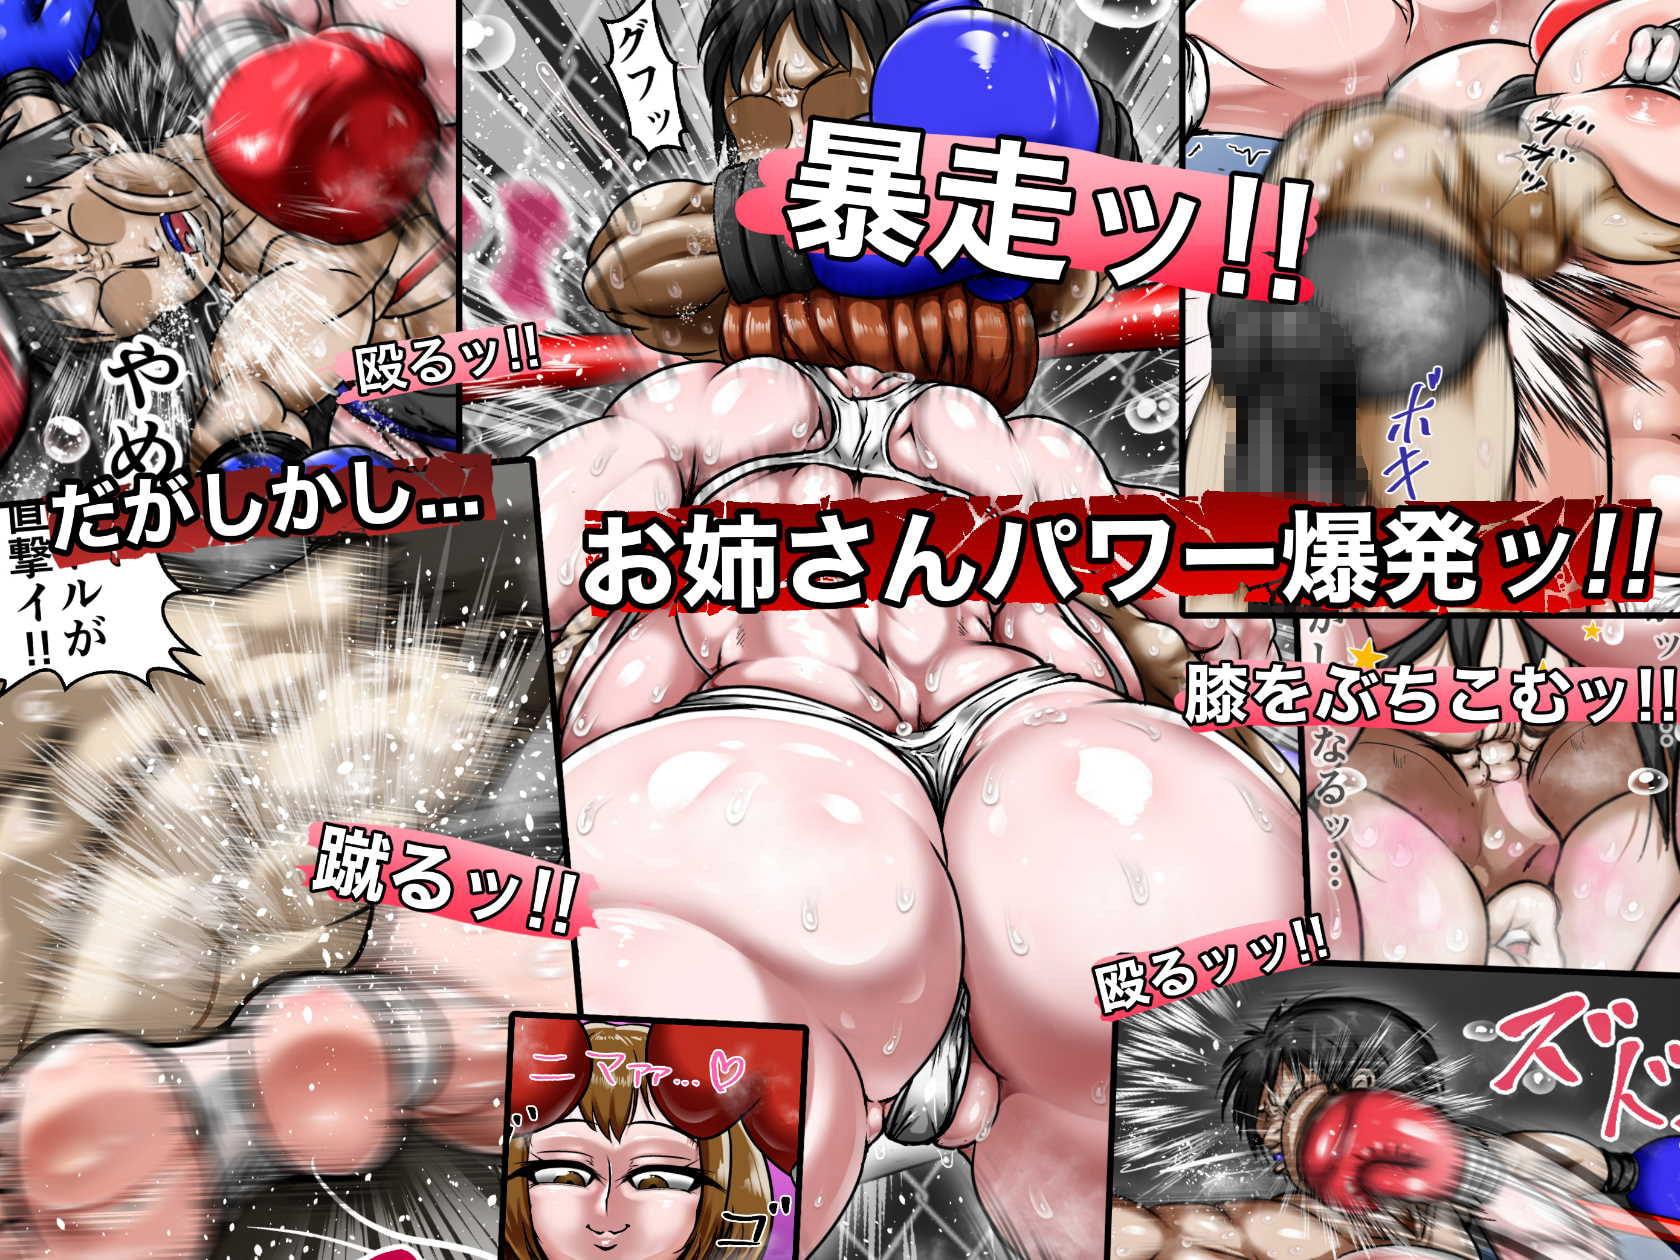 むちむちおねえさんと体格差ボクシングのサンプル画像